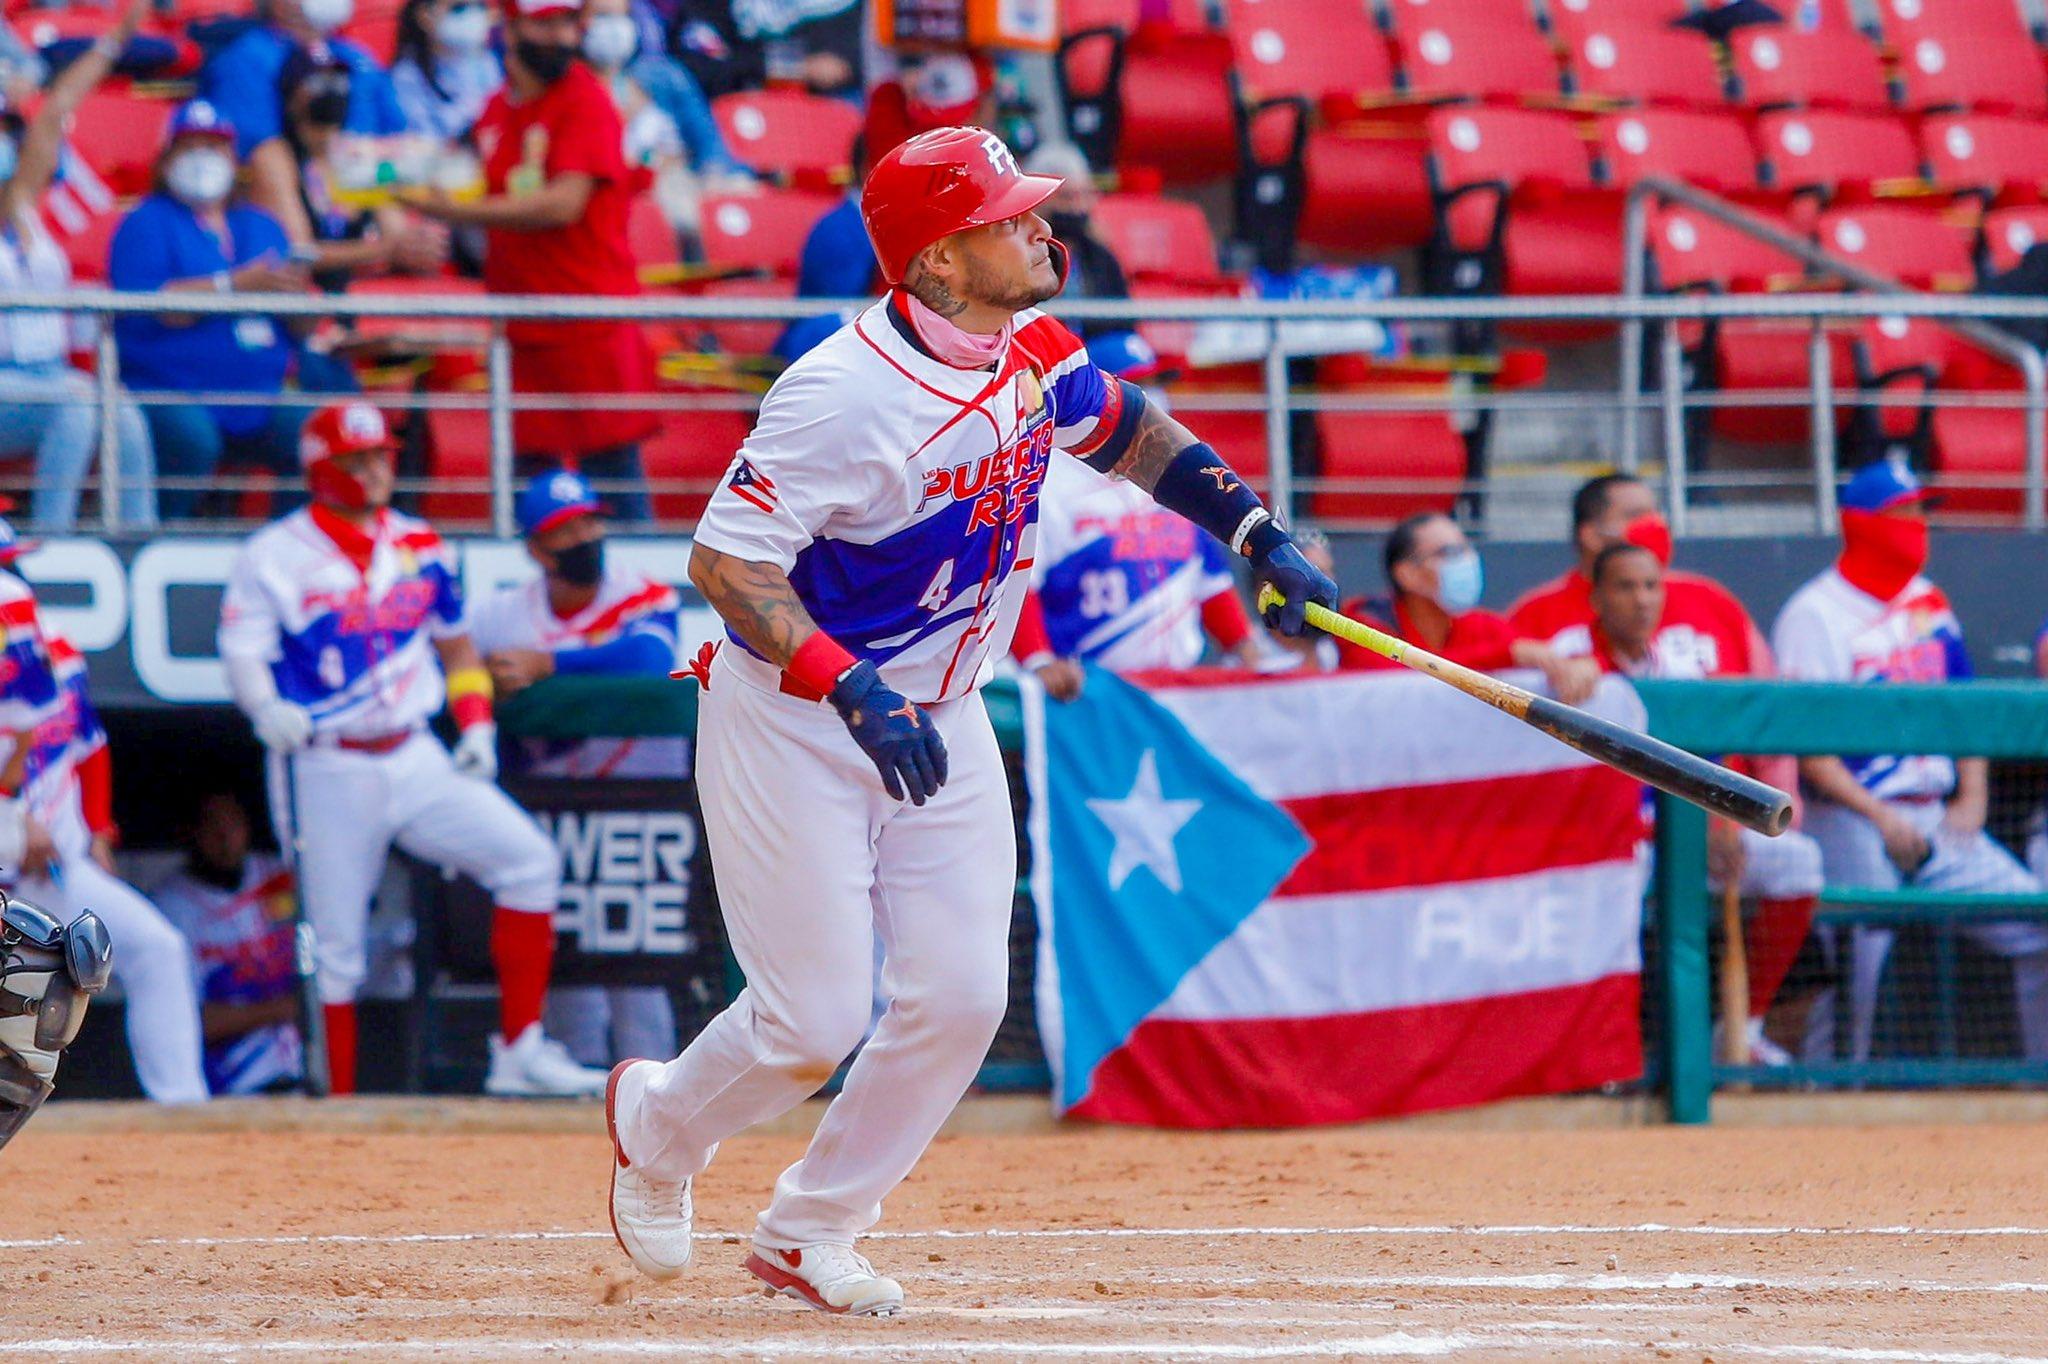 Yadier Molina dejó en claro sus años en la gran carpa y lideró la victoria de Puerto Rico sobre Venezuela.